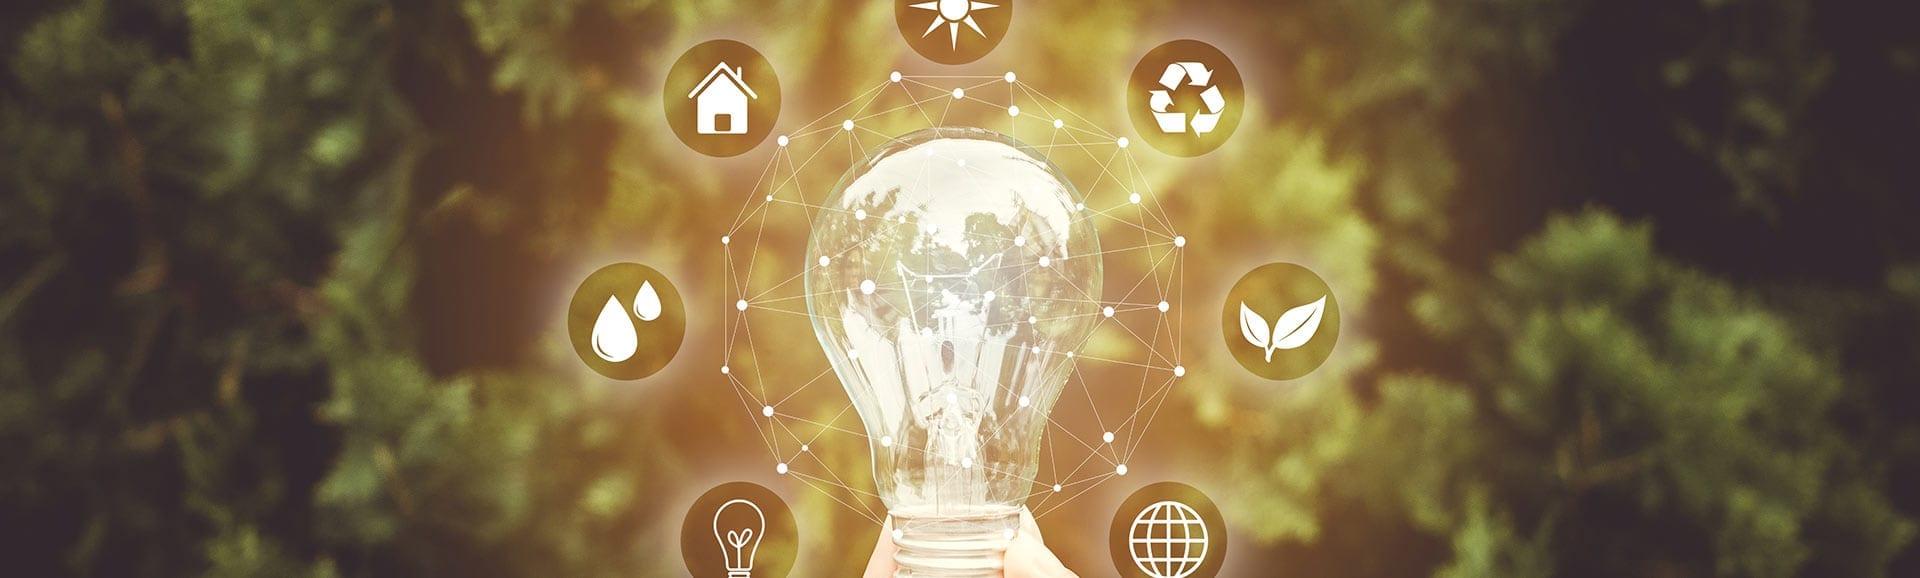 Glühbirne mit Energiesparsymbolen